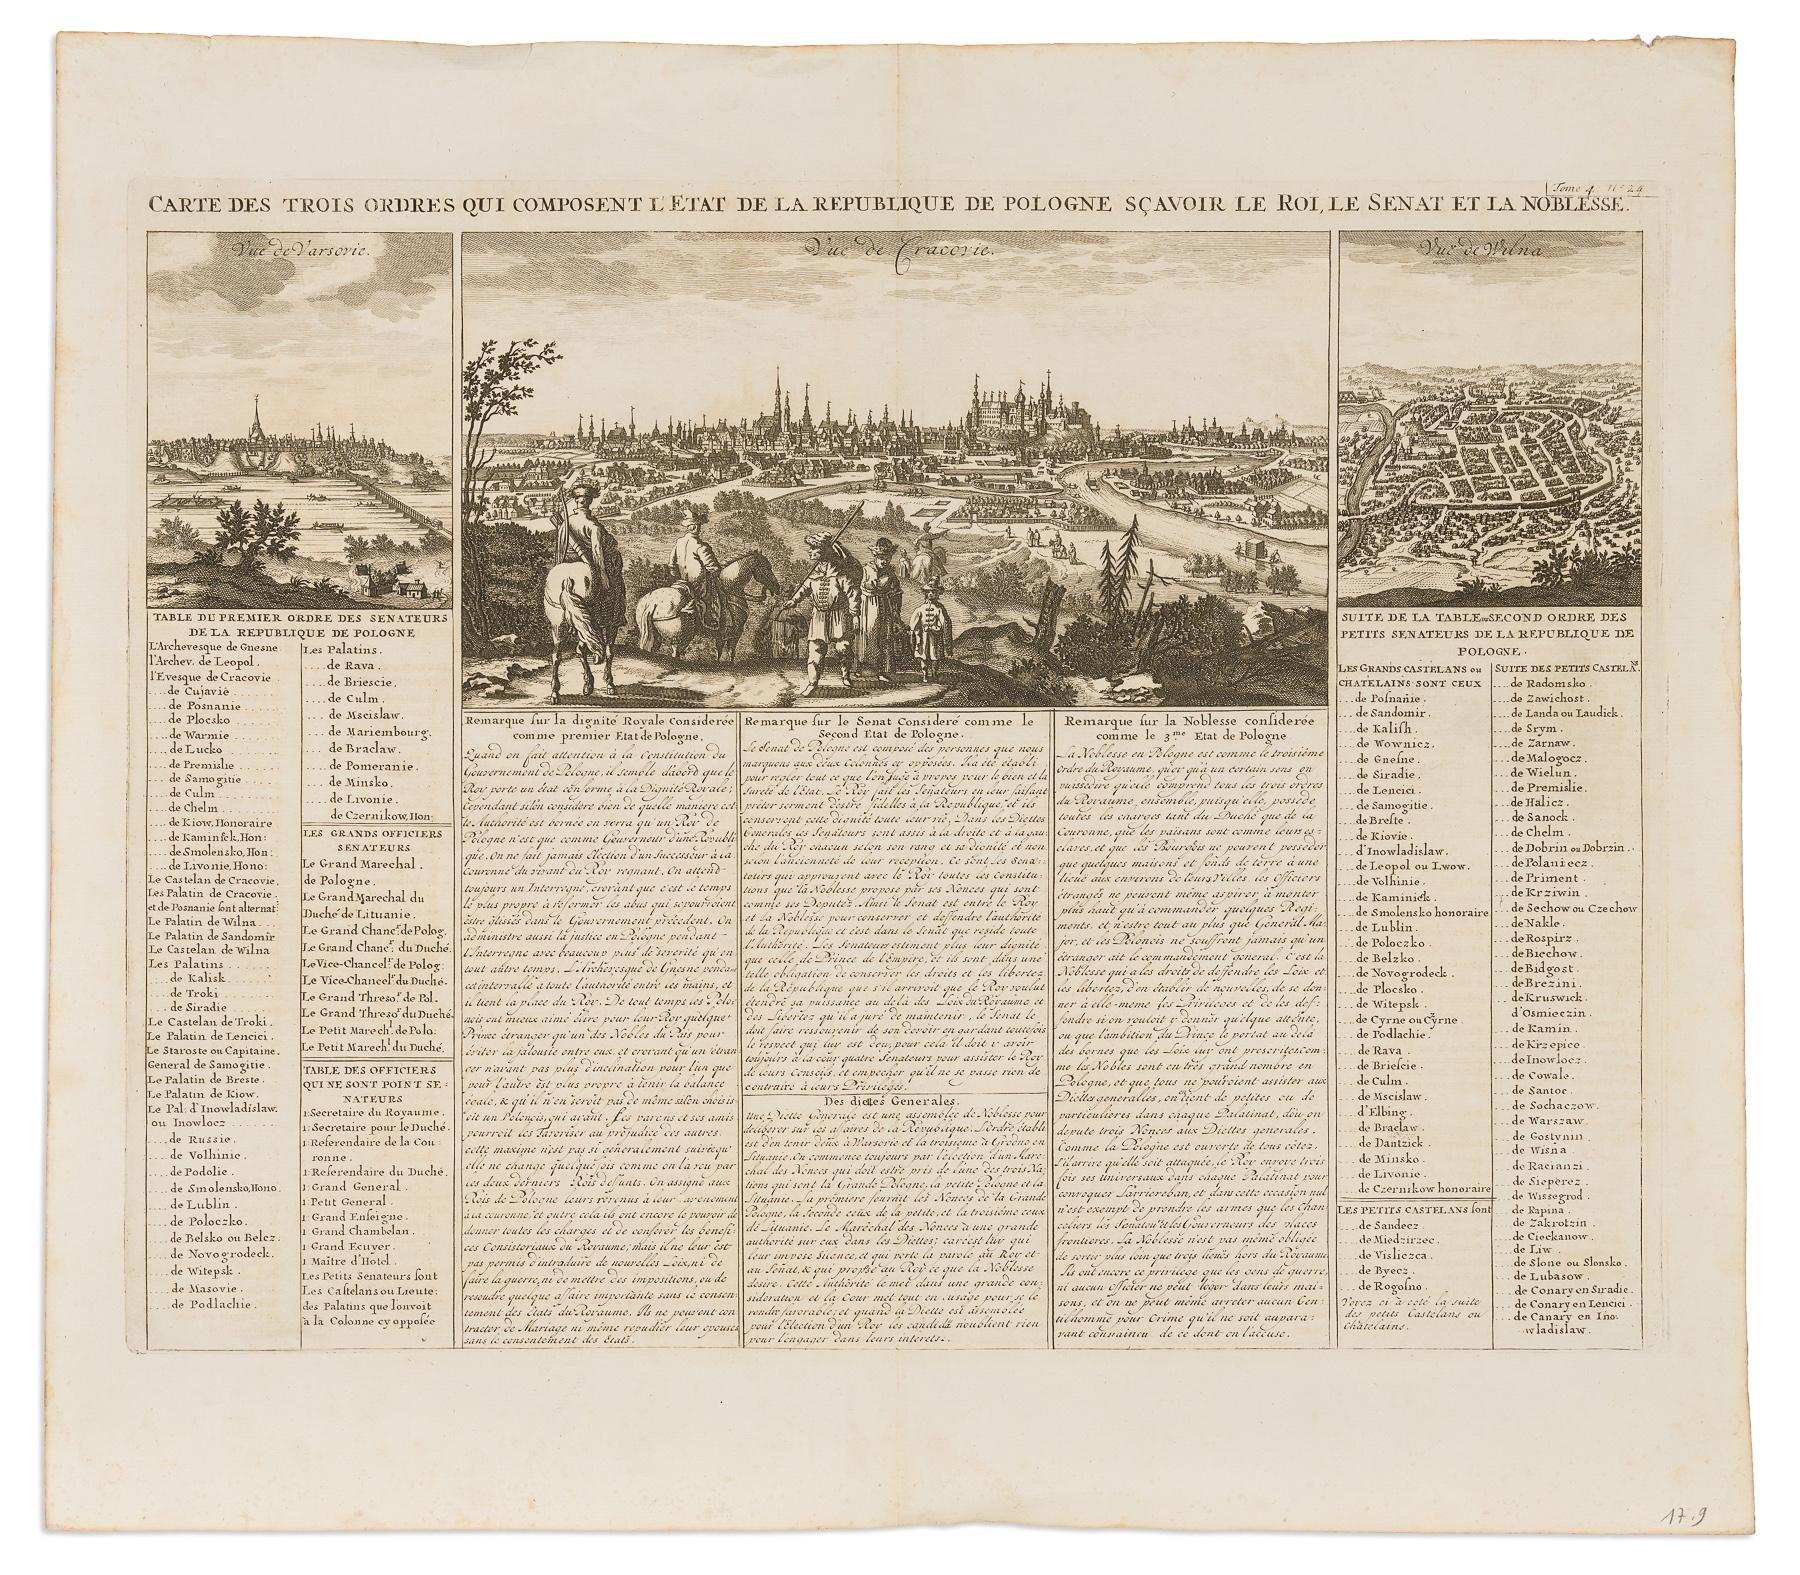 Carte Des Trois Ordres Qui Composent L'Etat De La Republique De Pologne: Sçavoir Le Roi, Le Senat Et La Noblesse, 1715